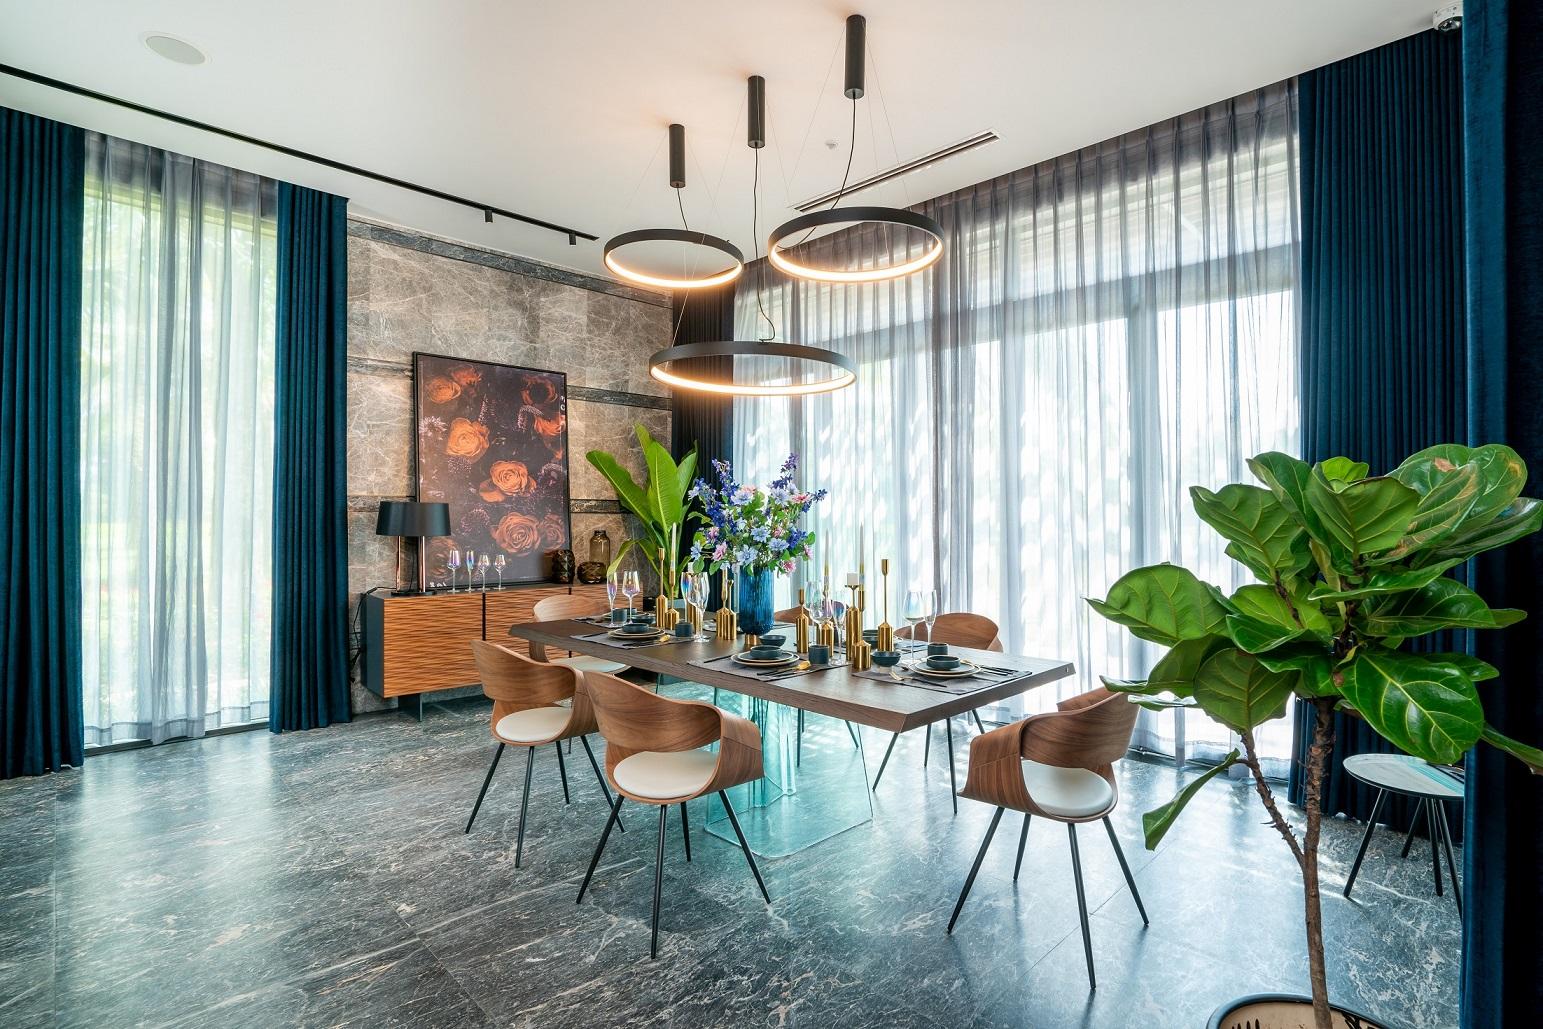 Khám phá nội thất xa xỉ của biệt thự triệu đô ở ngoại ô Hà Nội 5